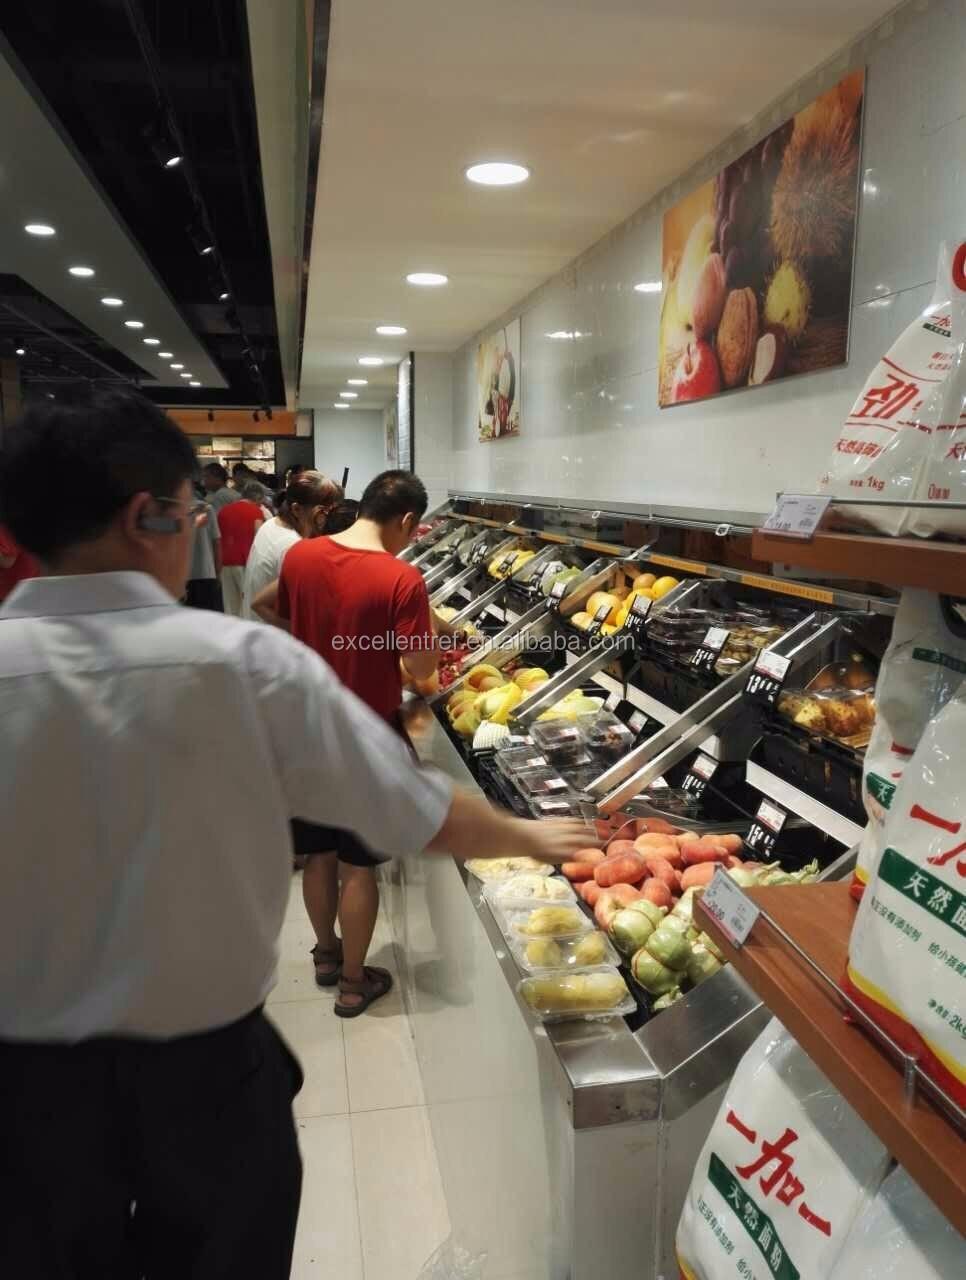 Fruits Refrigerator Upright Open Supermarket Fridges for Display